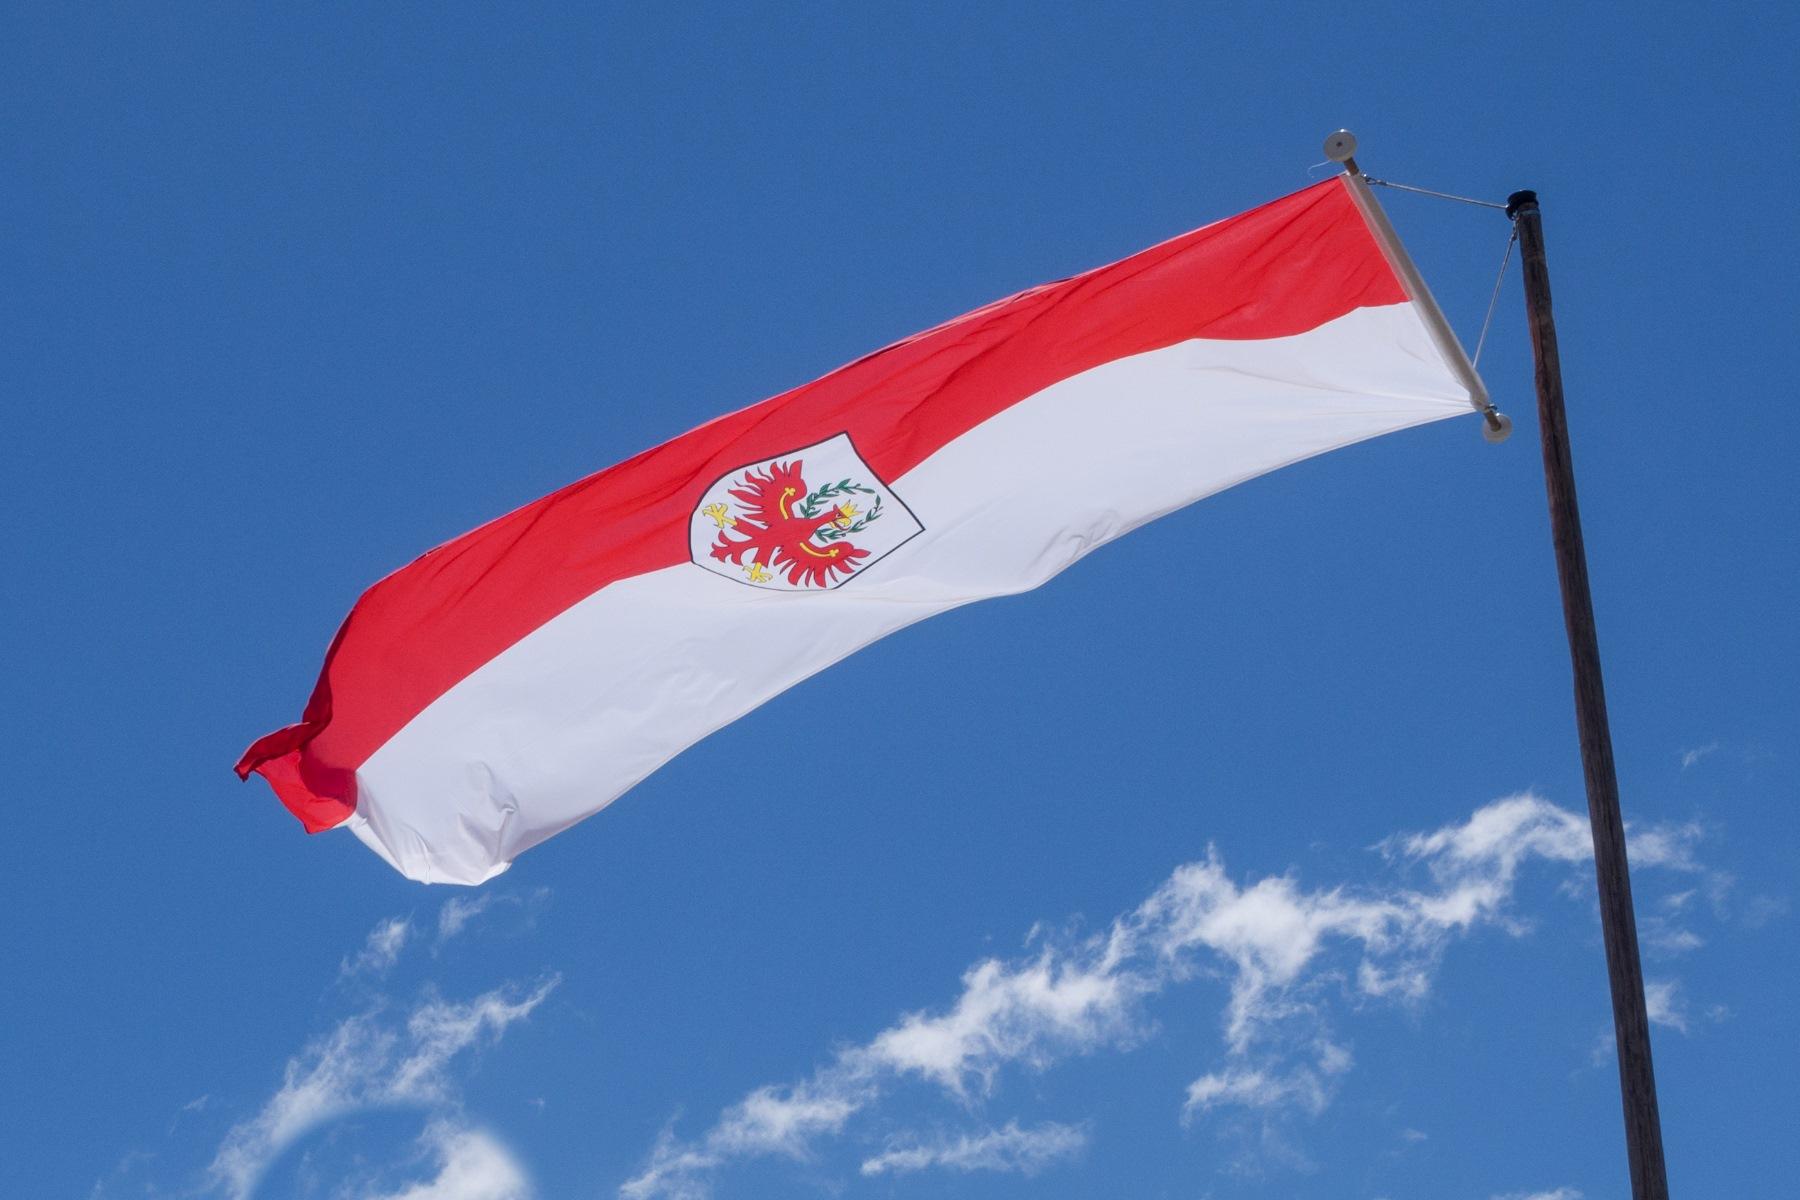 Südtirol muss jetzt Mut beweisen – eigenständigen Weg zur Krisenbewältigung einschlagen